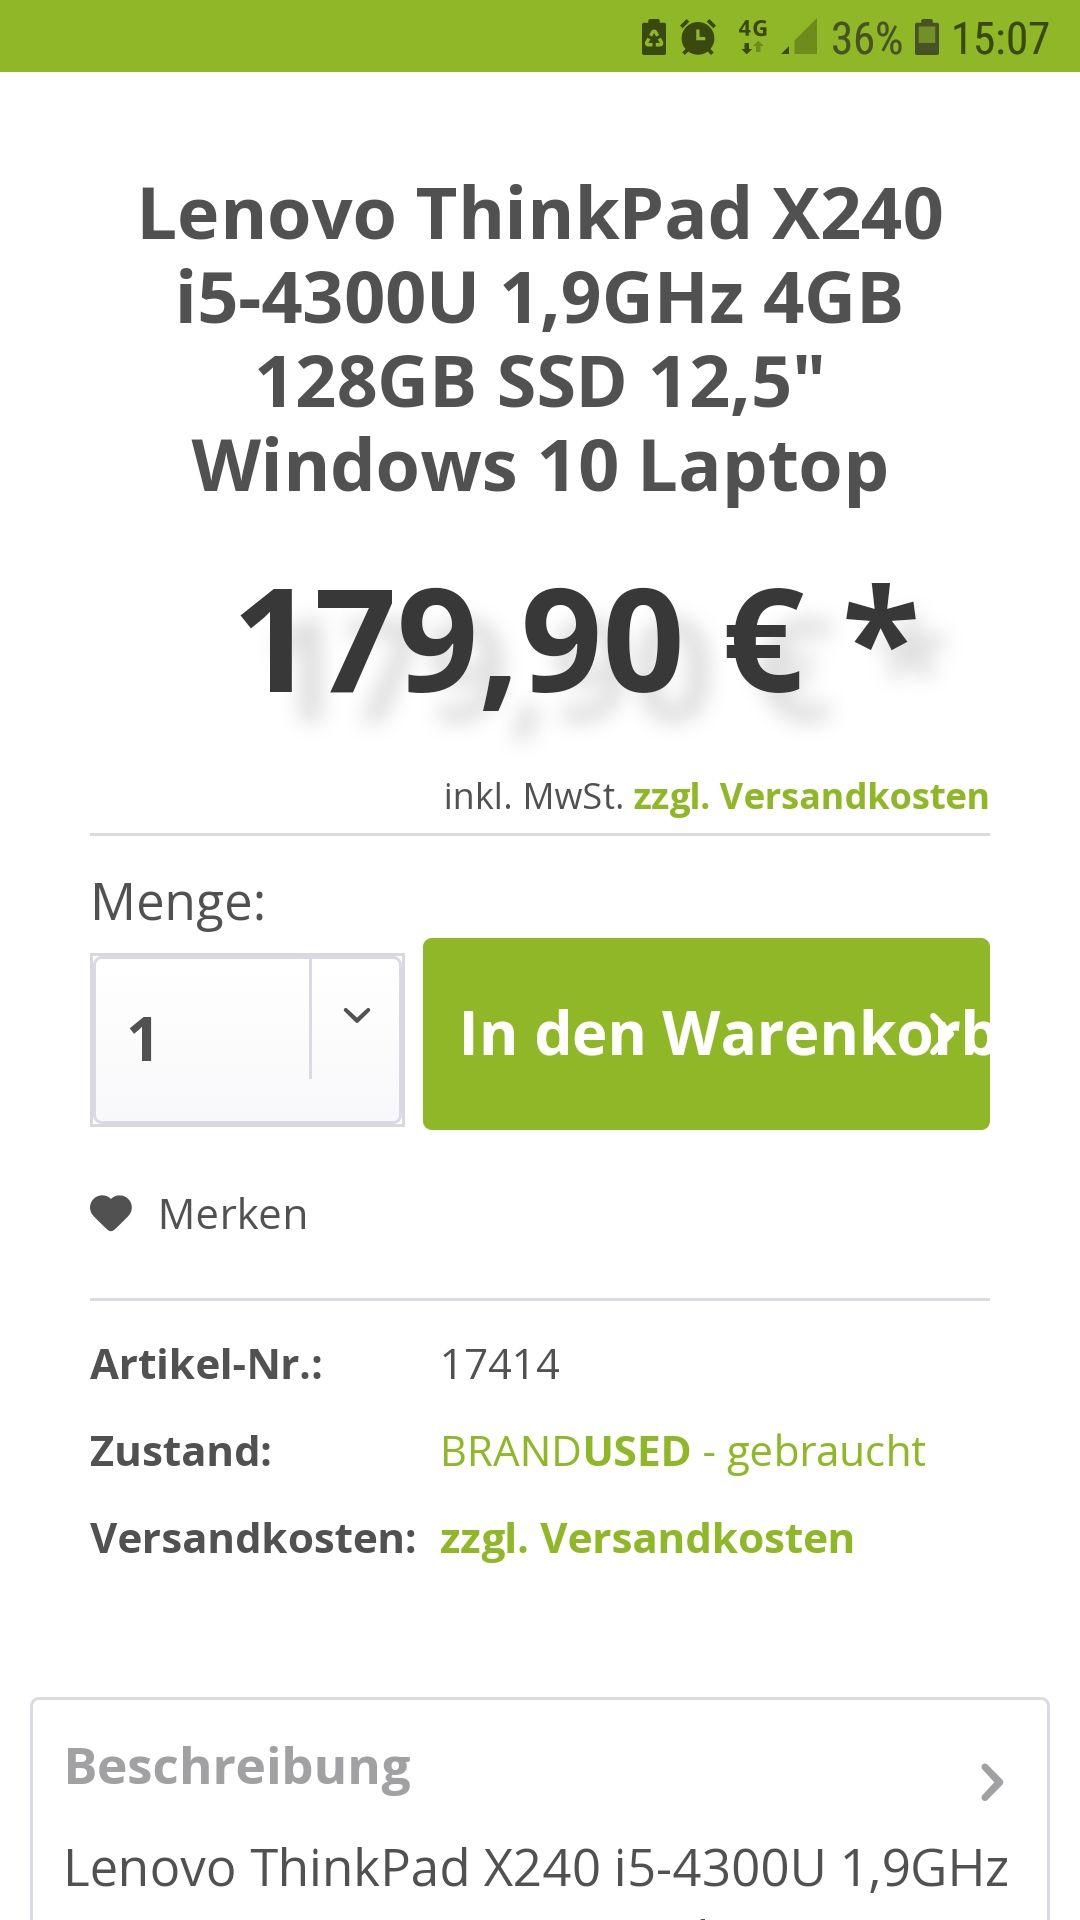 Lenovo ThinkPad X240 zum Wochenende für 179,00 Euro - gebraucht